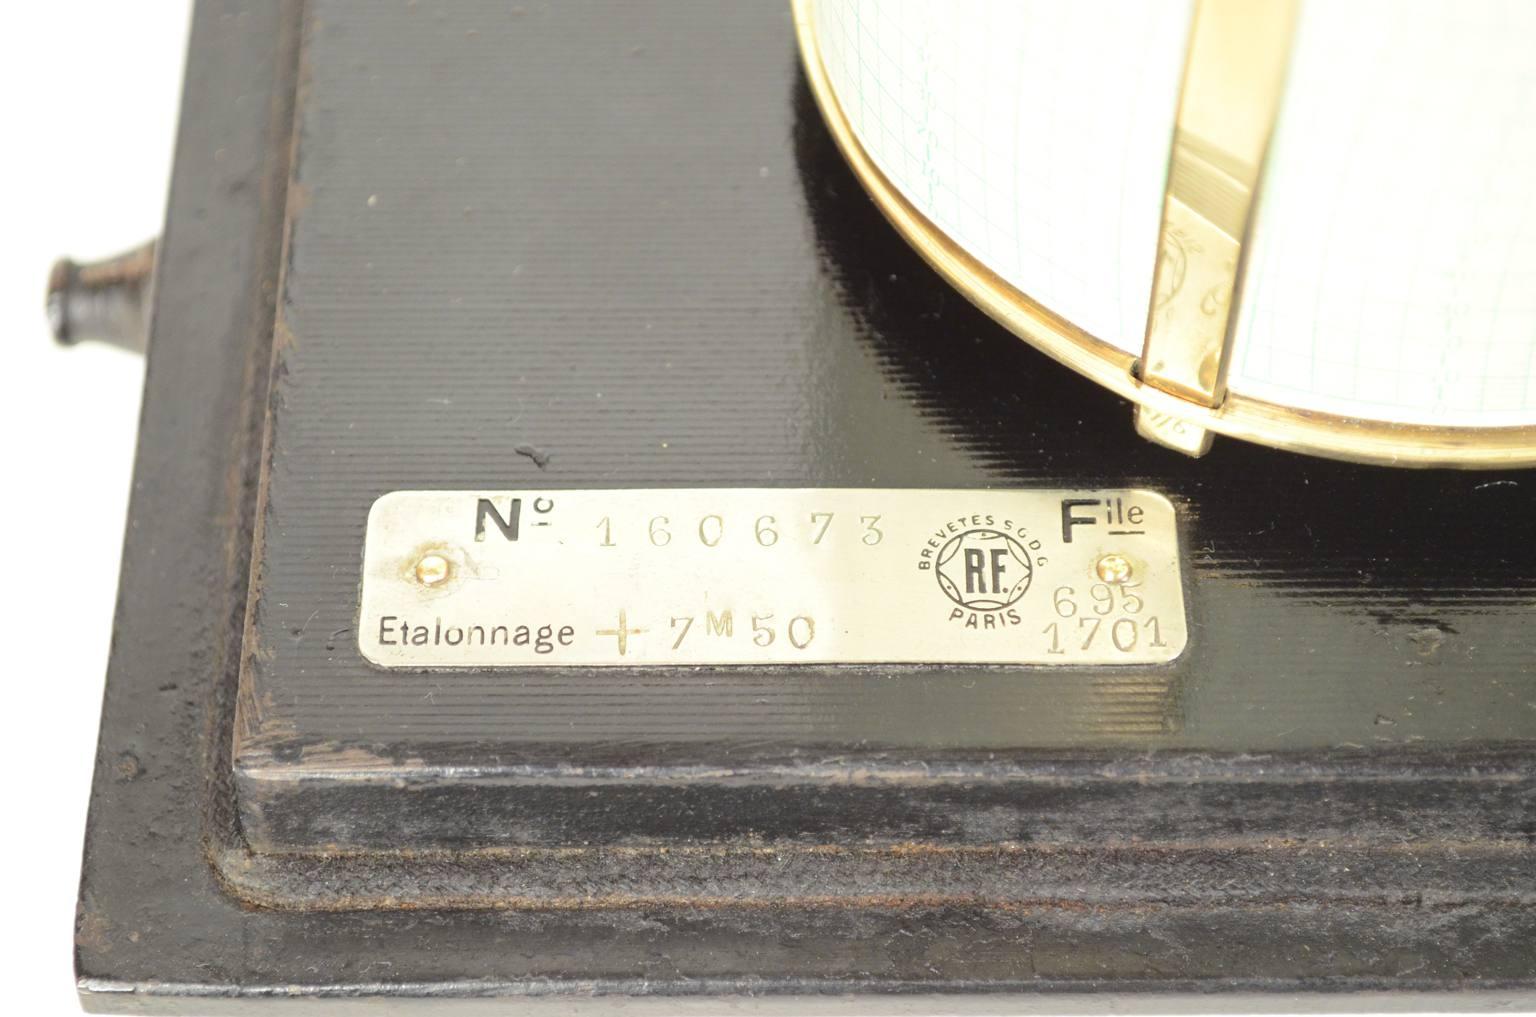 Barometri antichi/A43A-Barografo antico